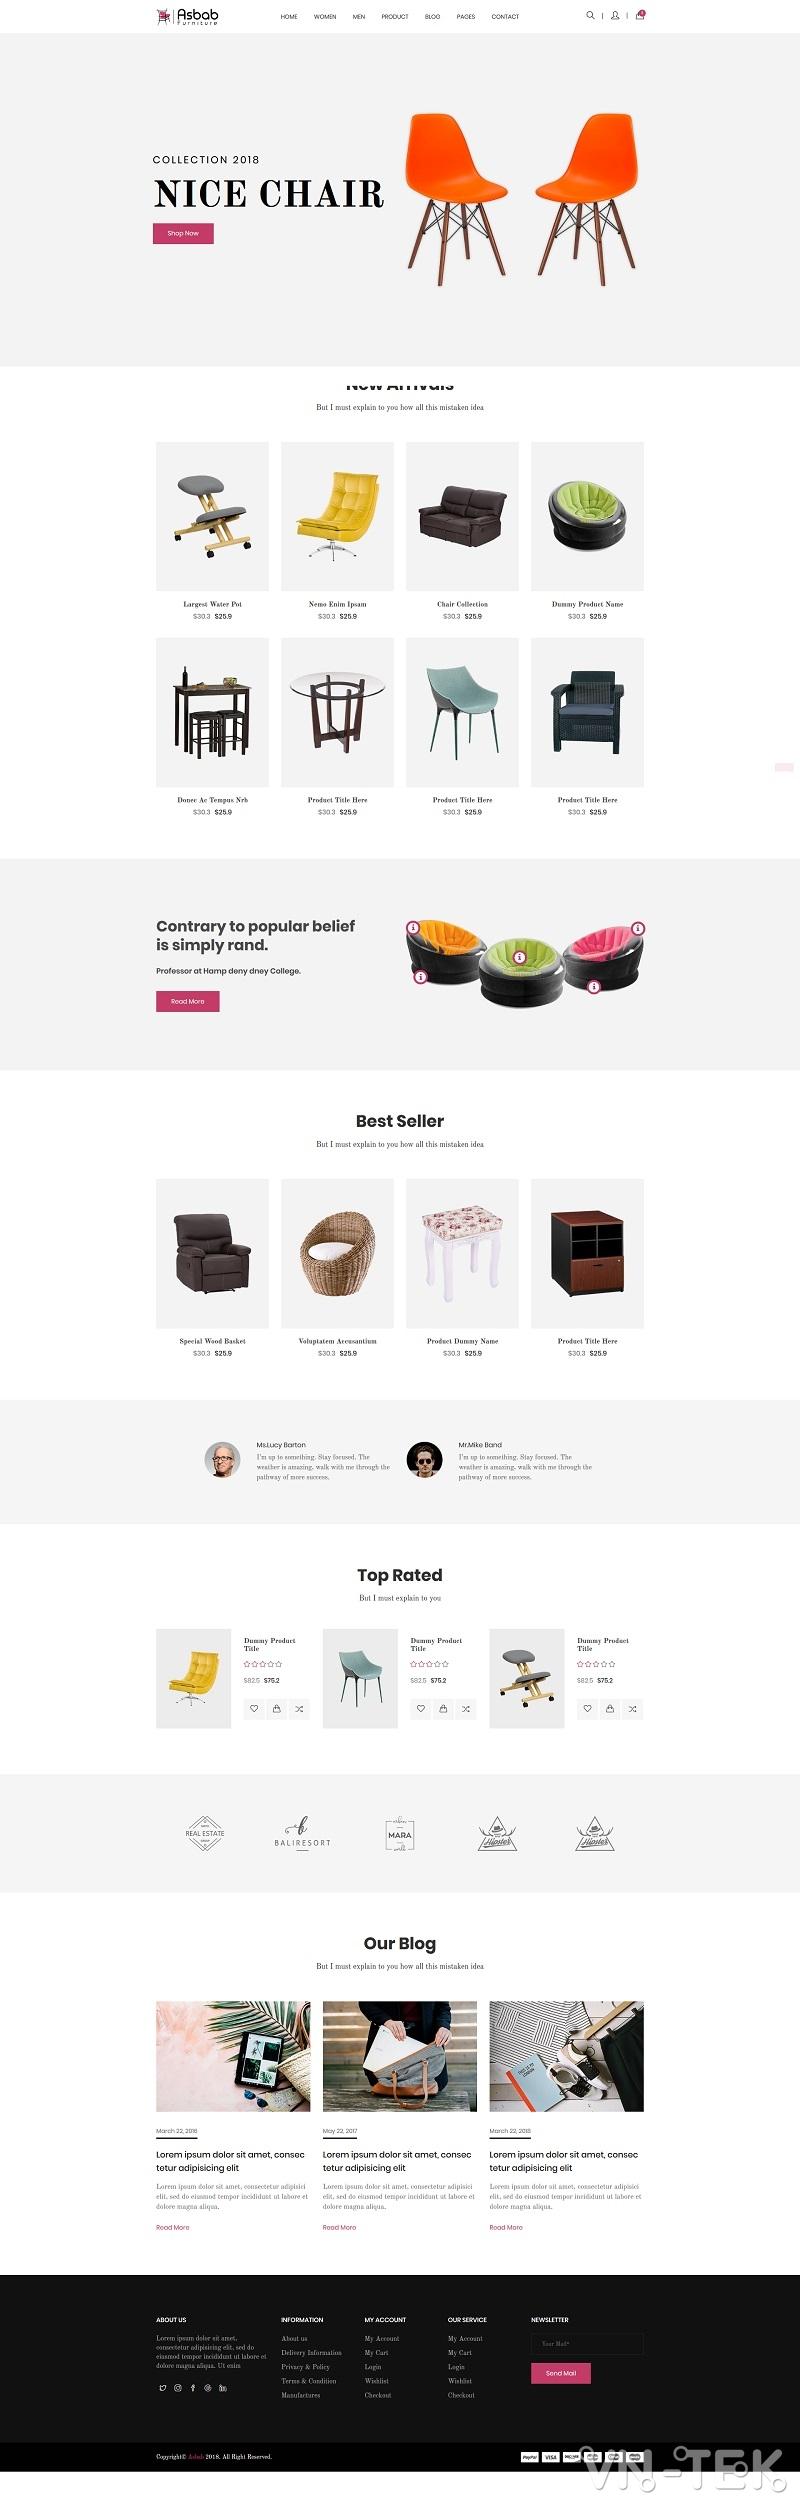 Asbab - Share 3 mẫu website bán hàng cực đẹp (Template HTML)